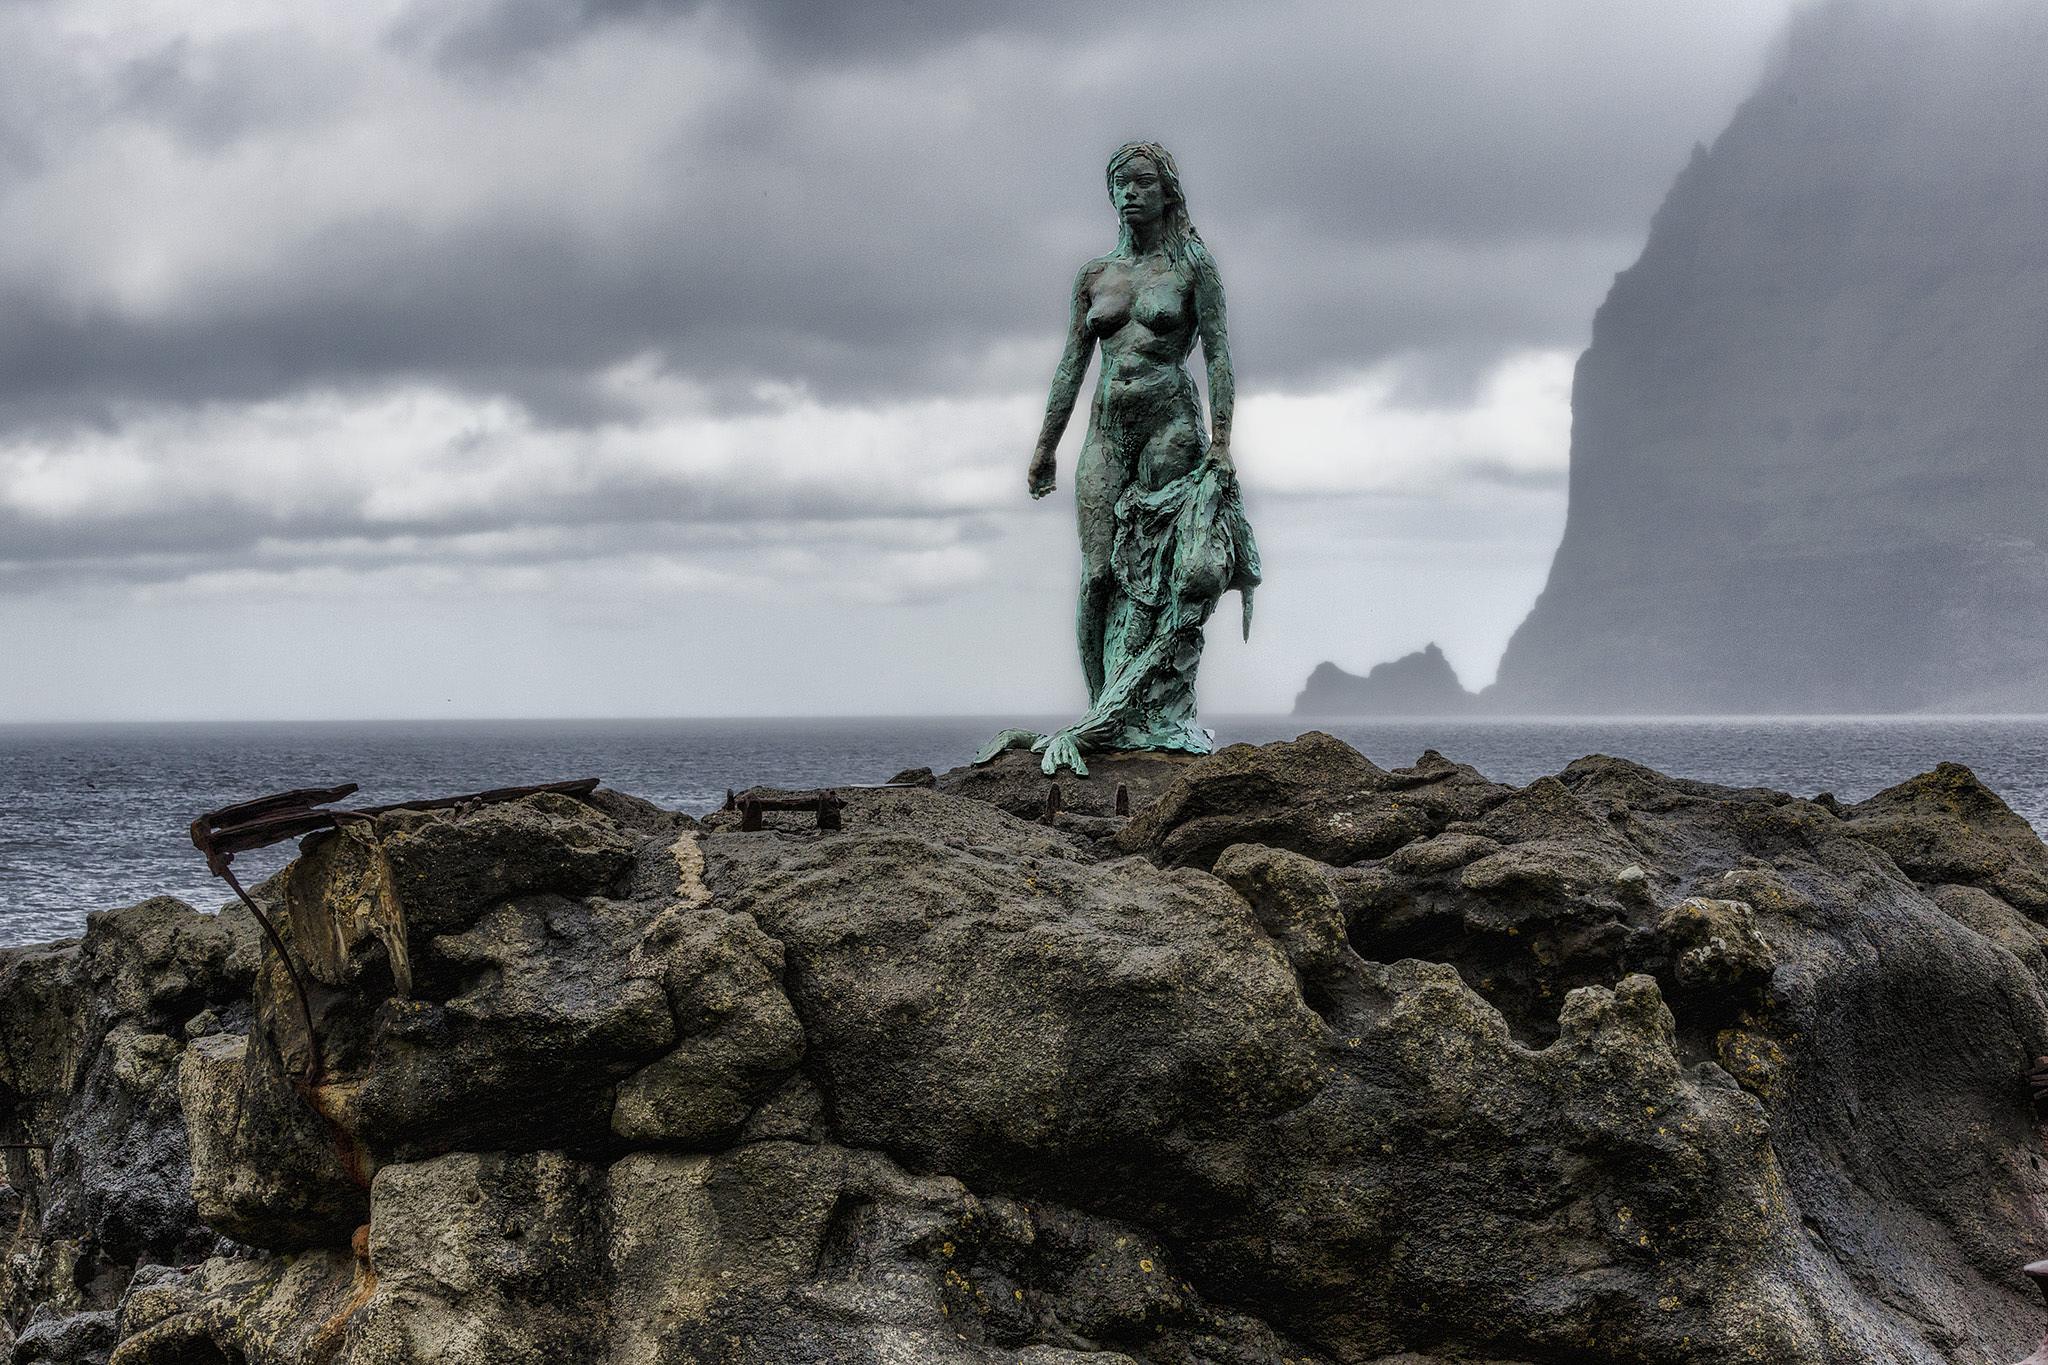 Kópakonan in Kalsoy  by Faroe Islands Hiking